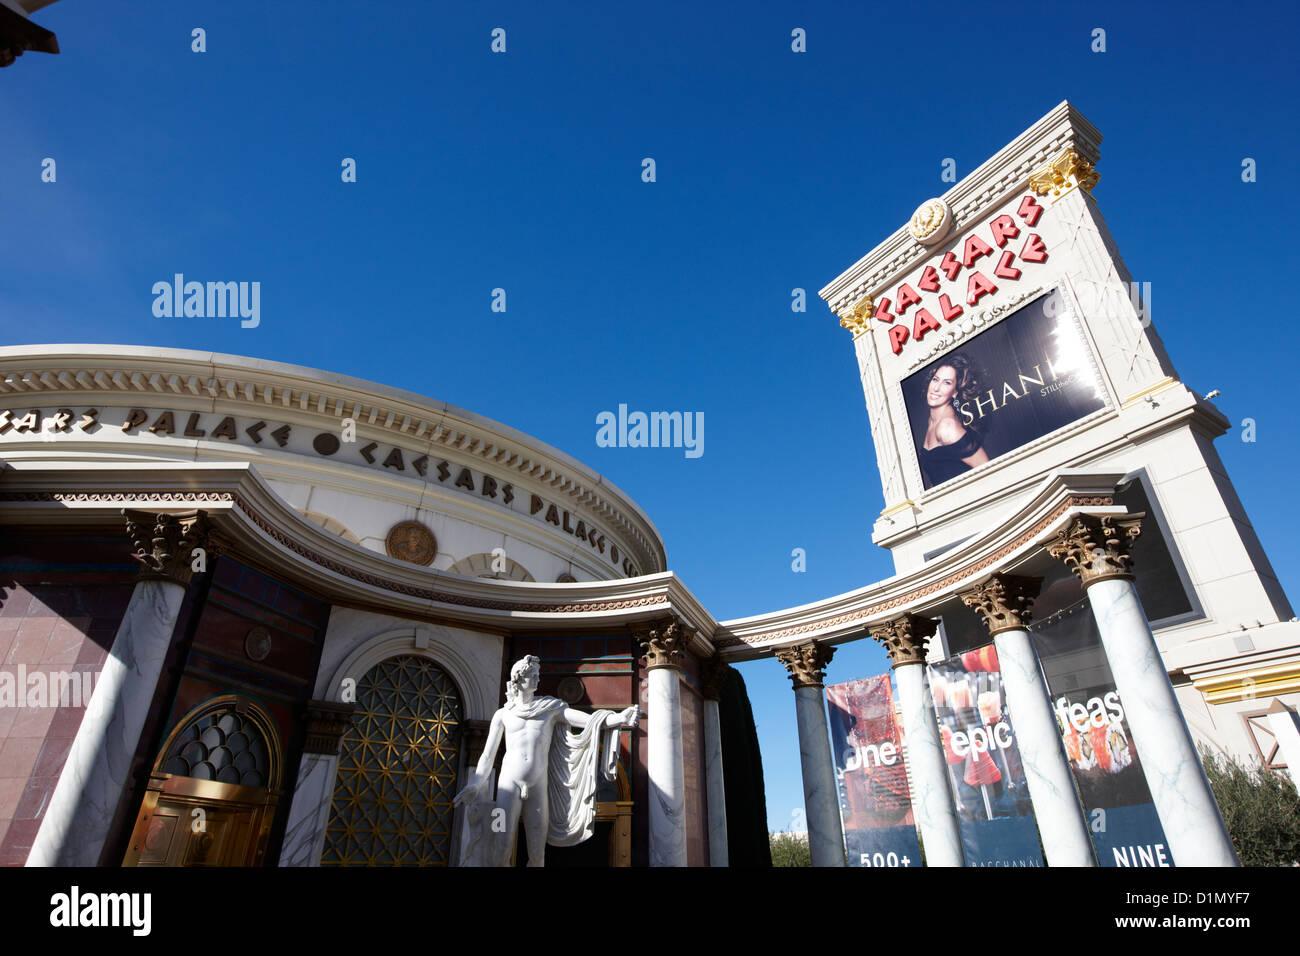 caesars palace luxury hotel and casino Las Vegas Nevada USA - Stock Image